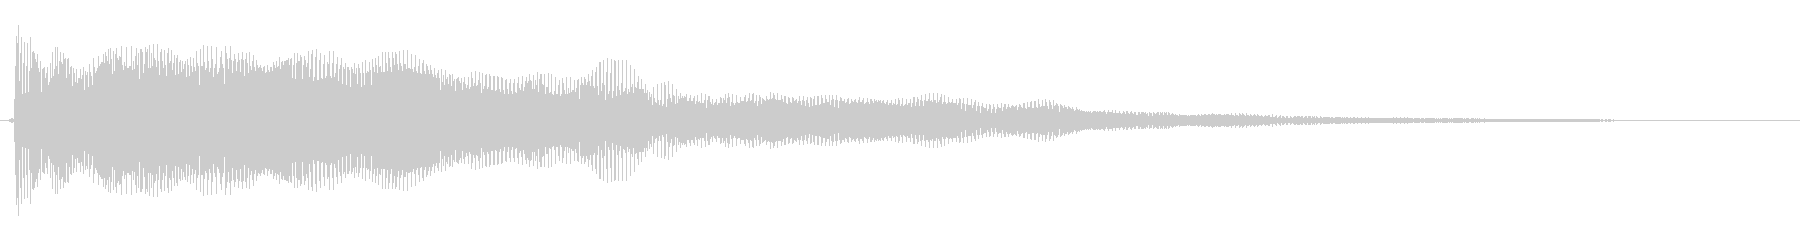 動きと振動を感じる効果音の未再生の波形